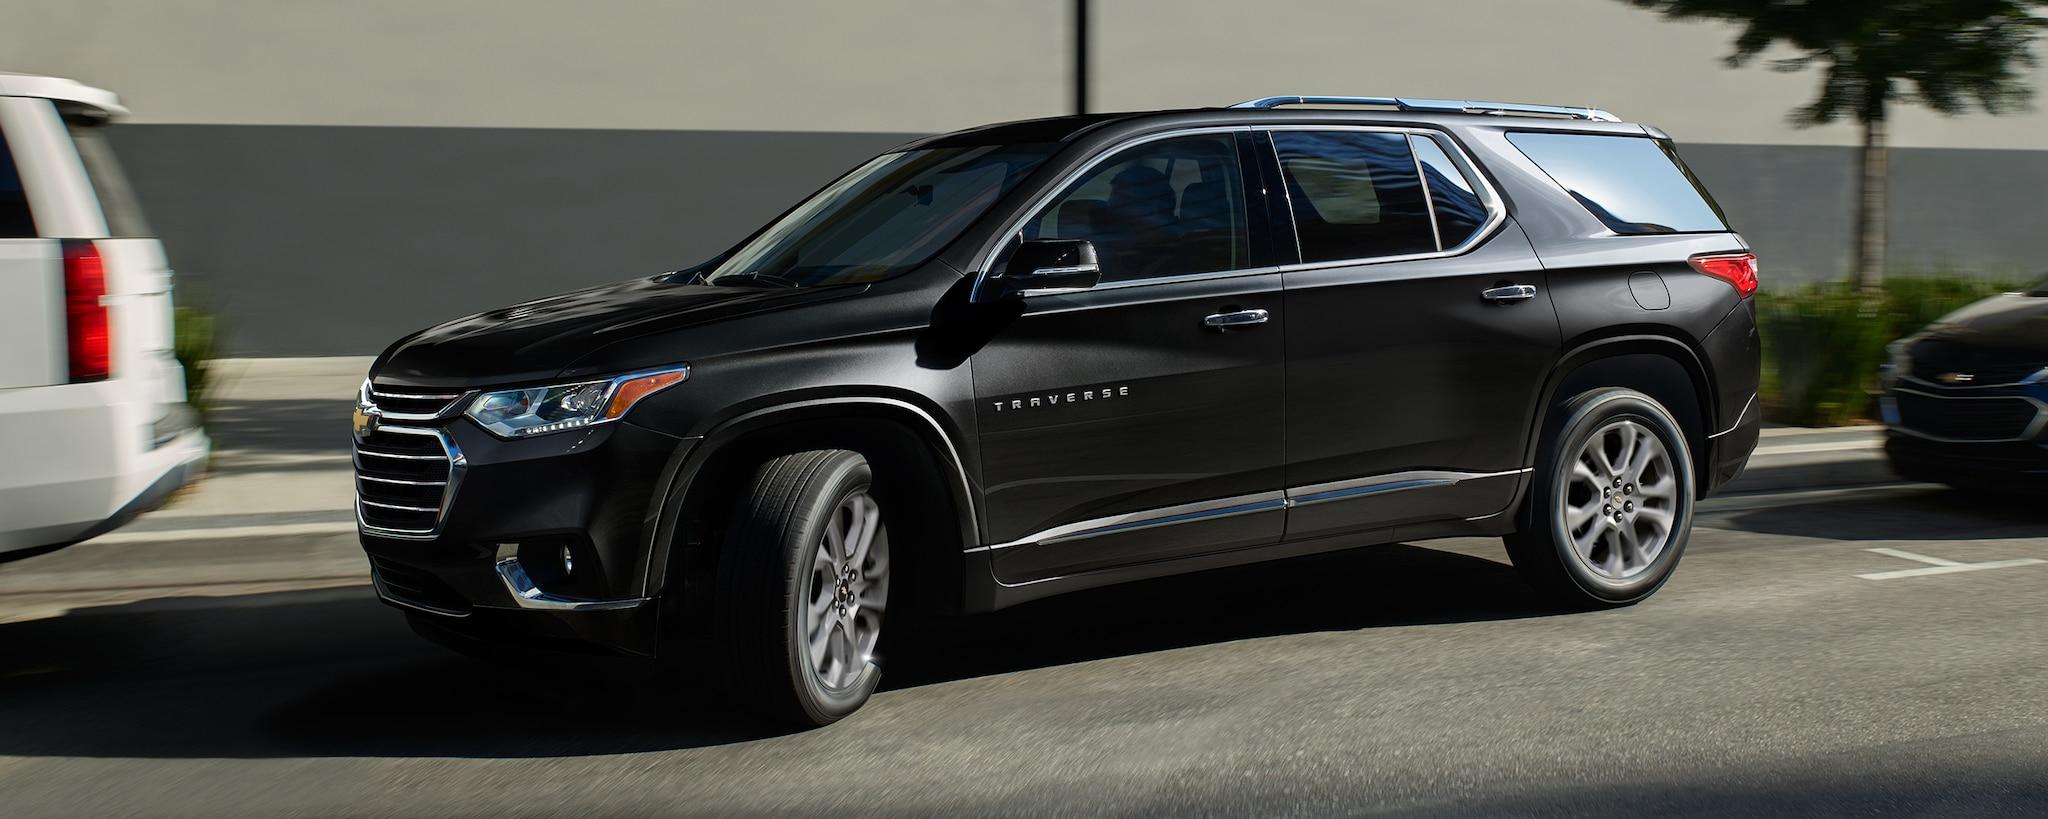 Seguridad de la SUV de tamaño mediano Traverse 2020: Perfil lateral